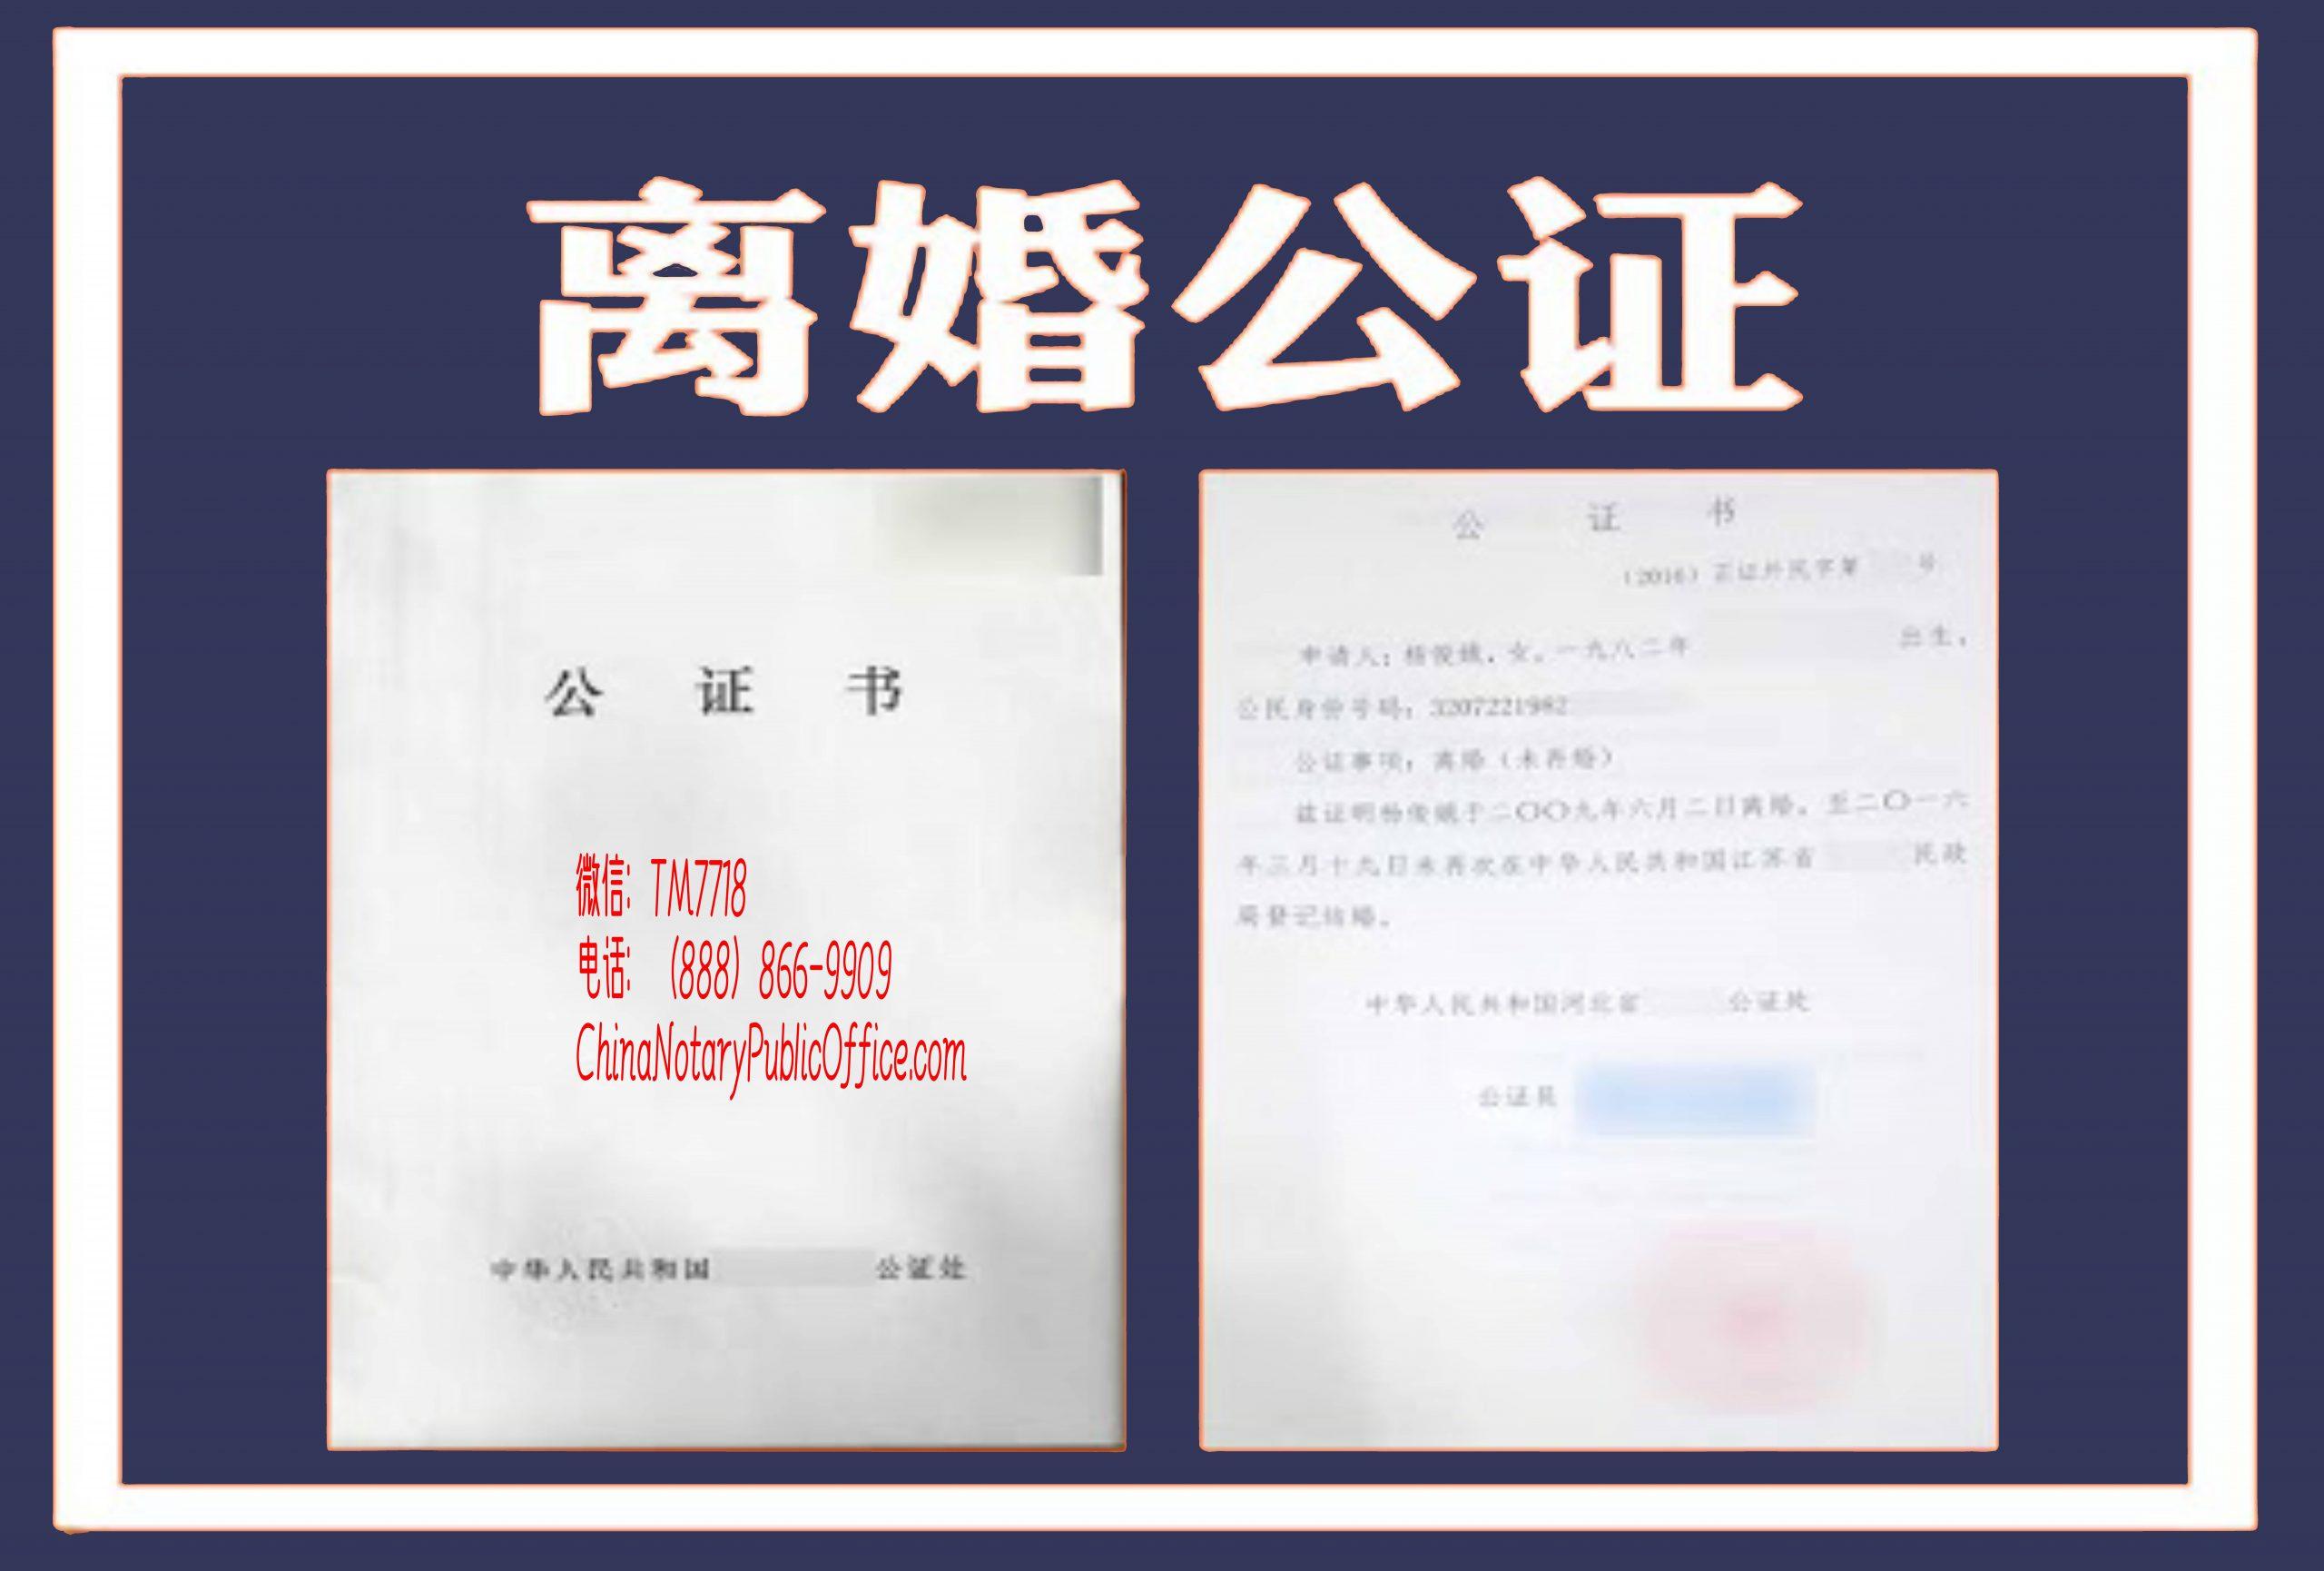 中国结的婚如何在美国办理离婚公证,不回国,中国公证处海外服务中心